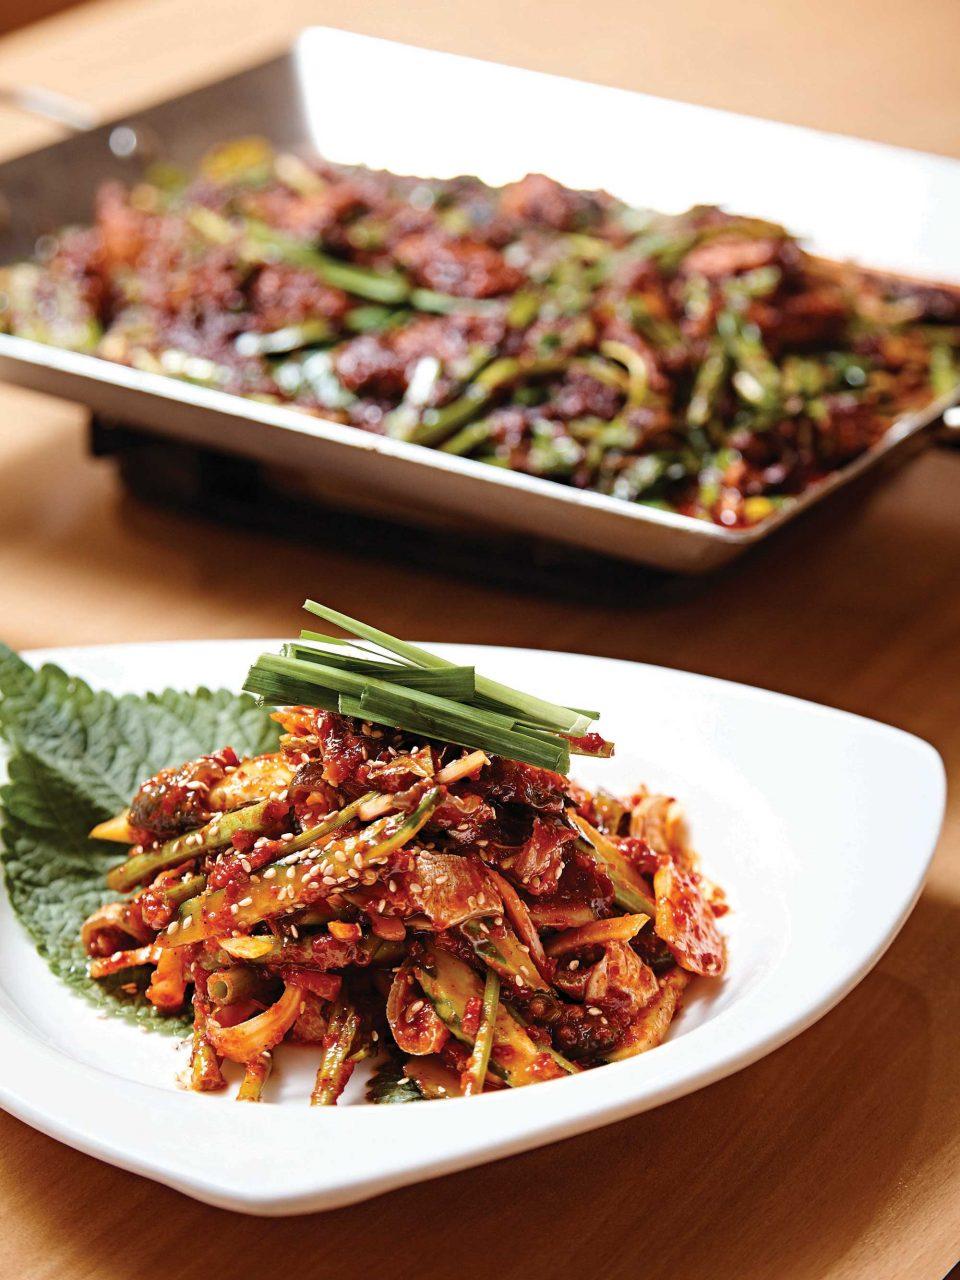 미성복어불고기집의 복껍질무침과 복어불고기는 여름철 보양식으로 좋다.